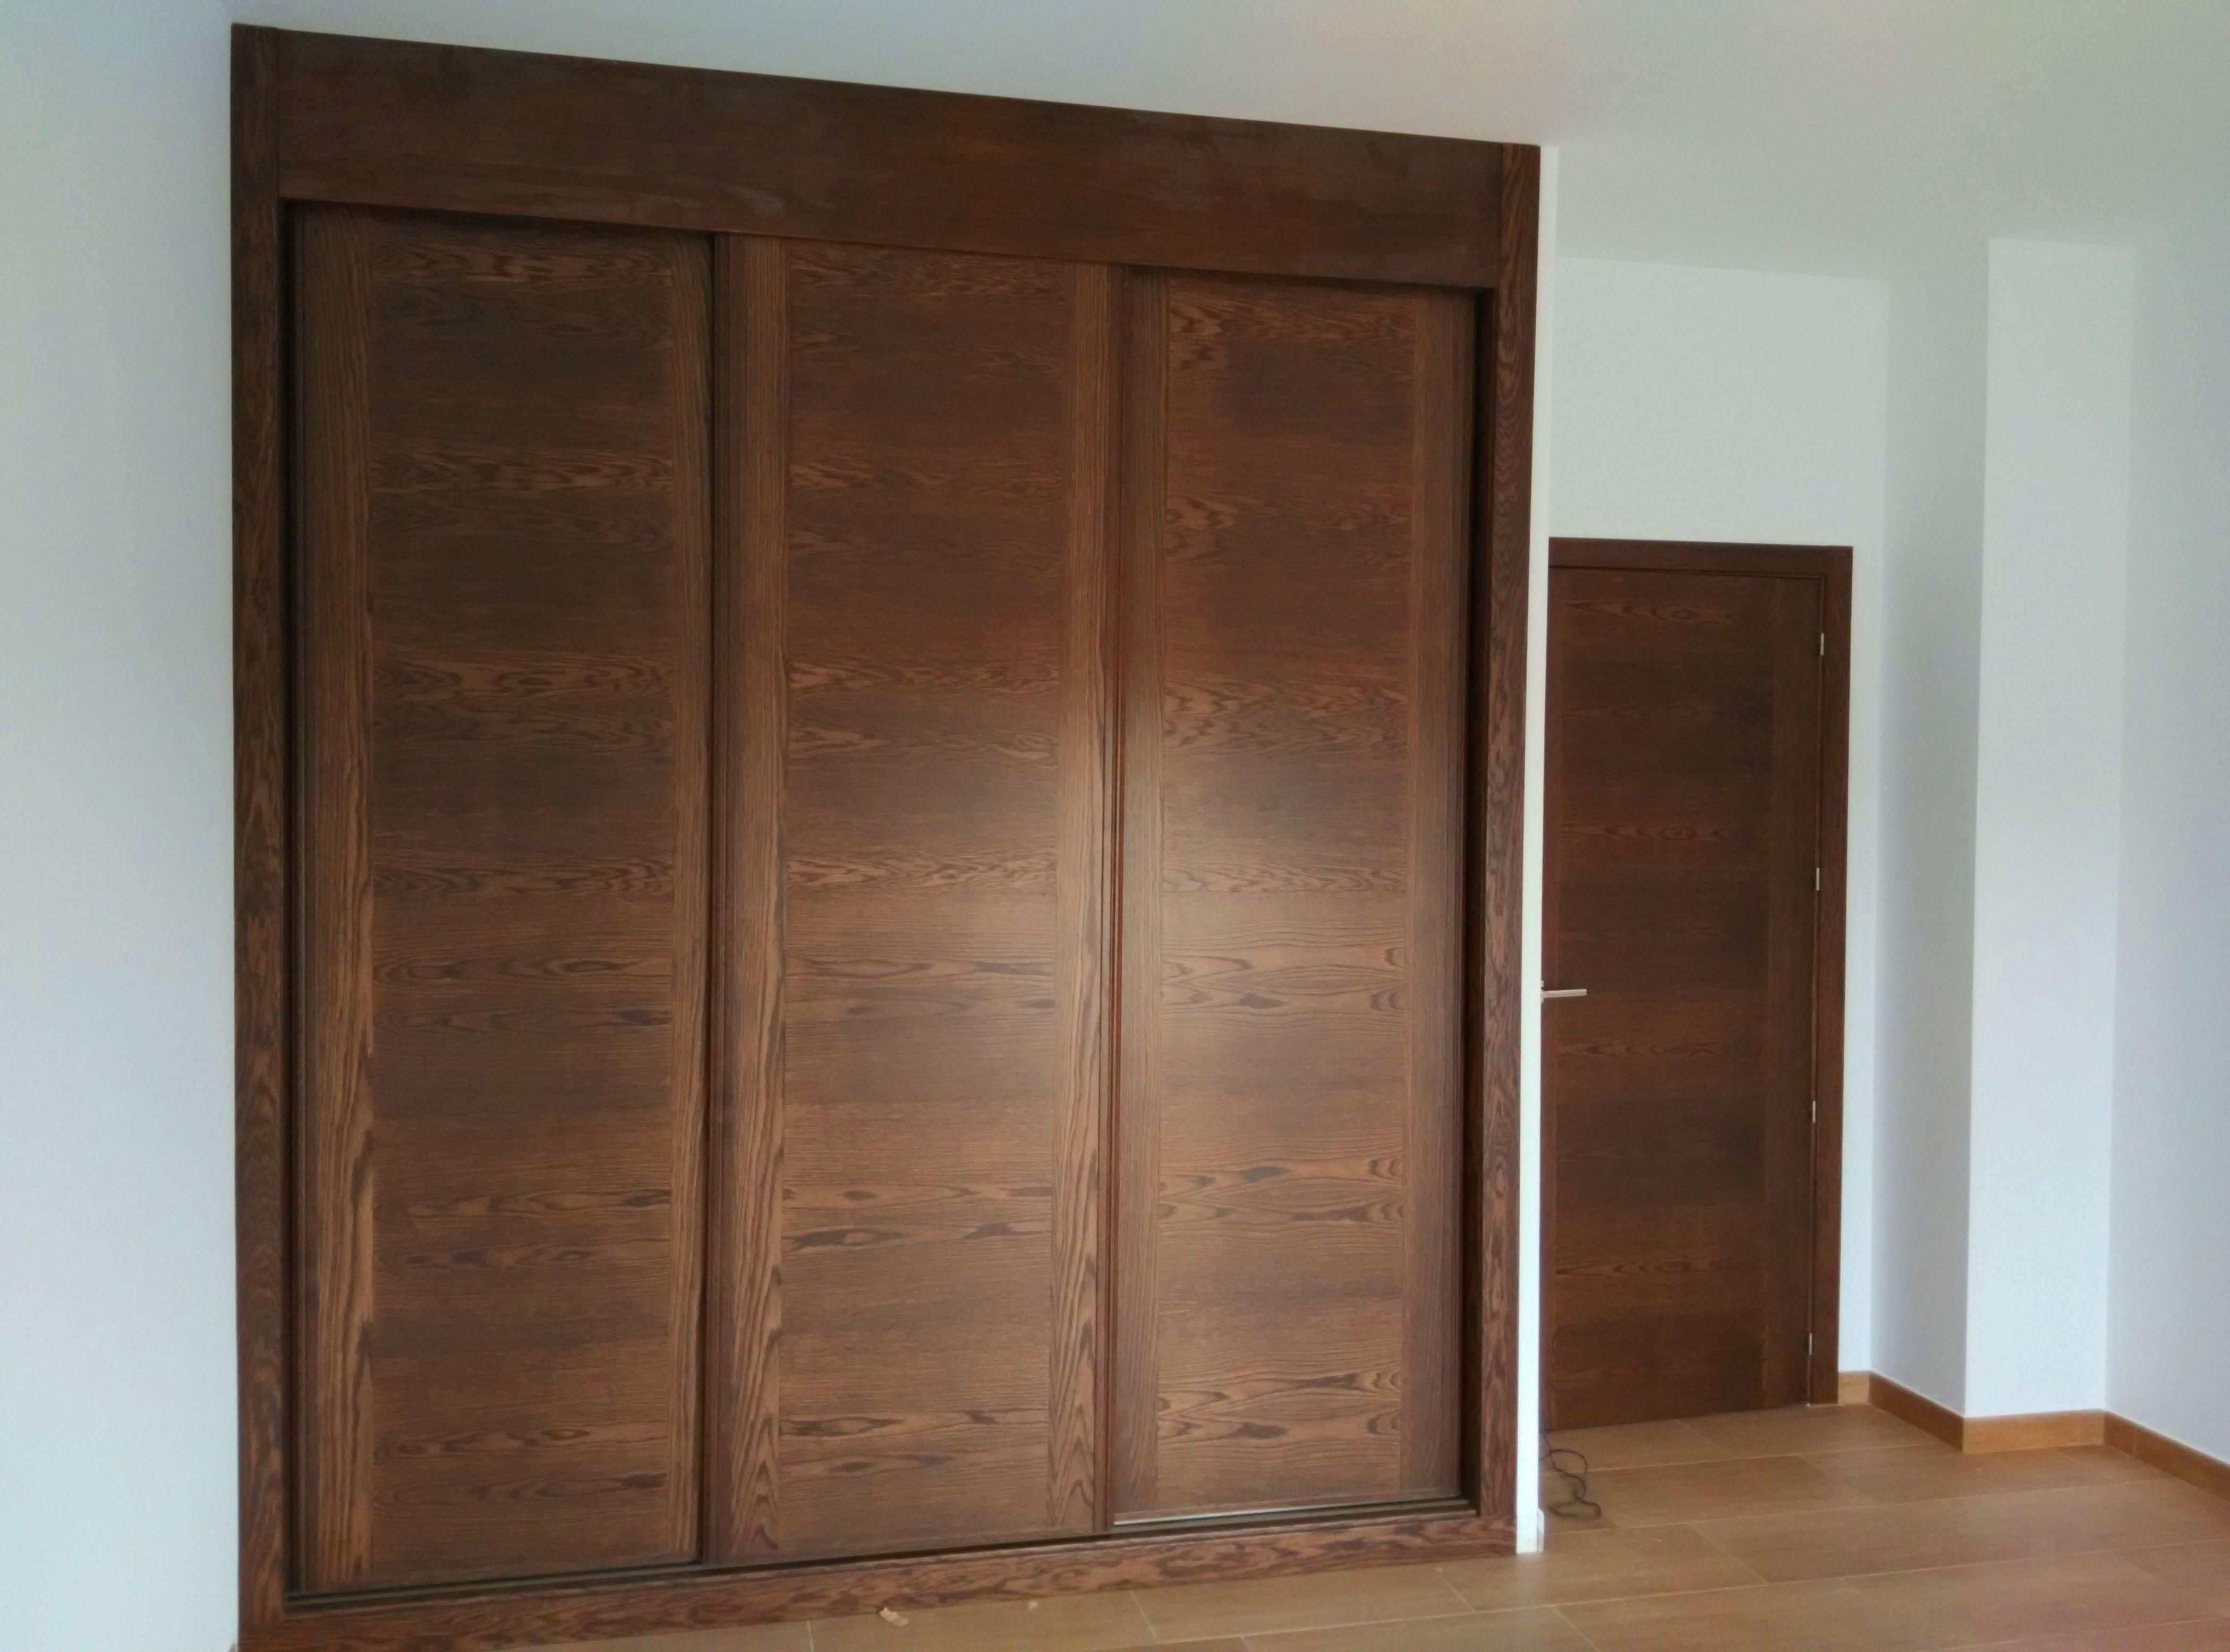 Frente de armario corredera con puertas de roble teñido en nogal.